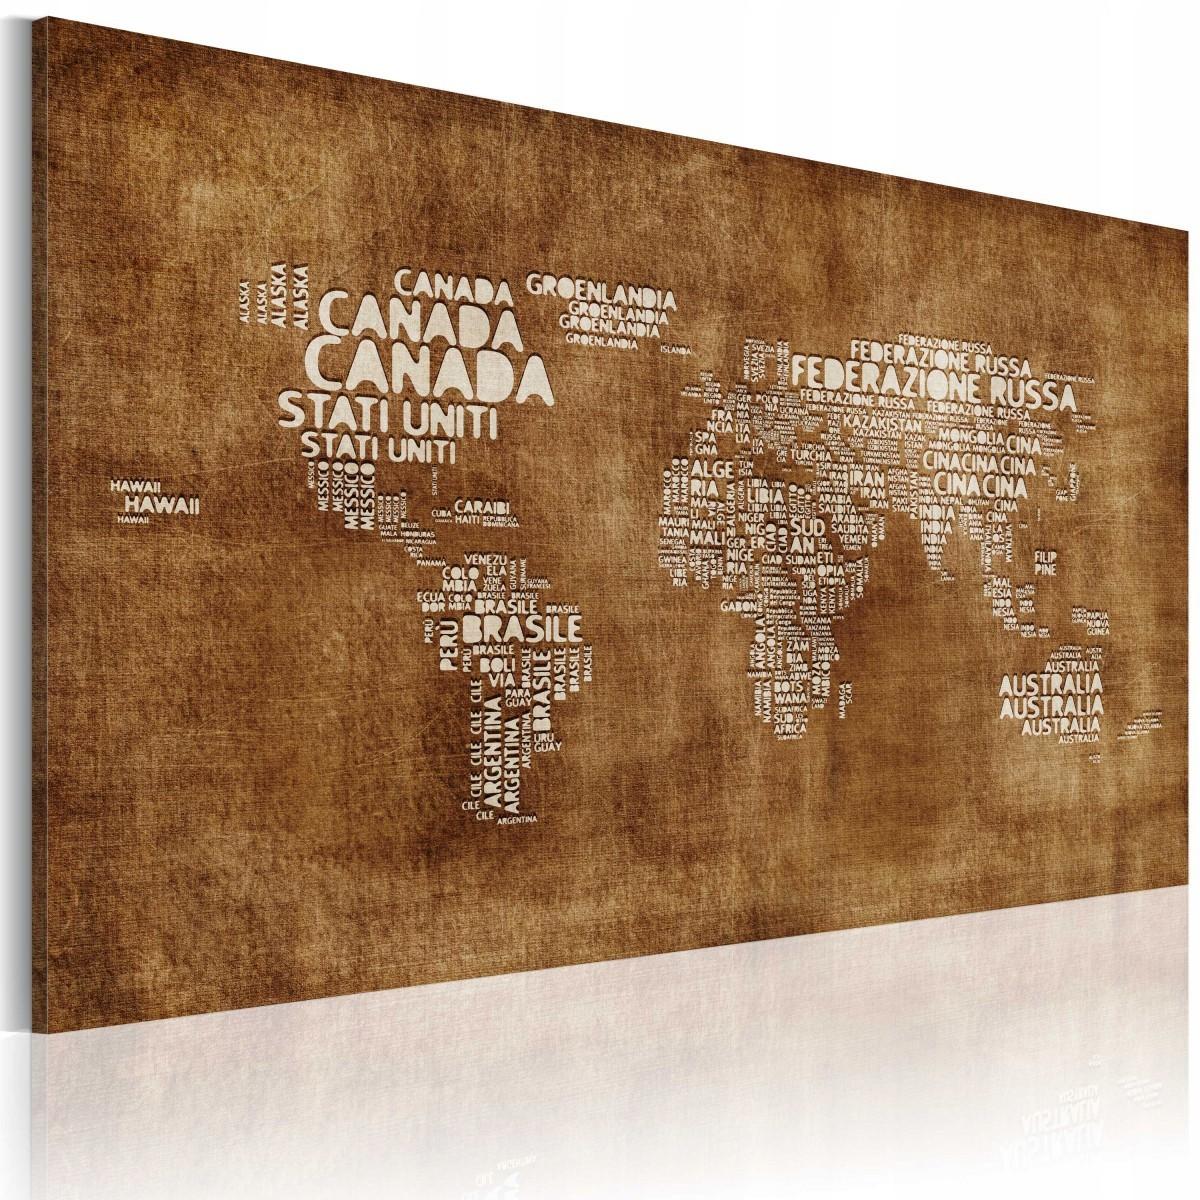 Obraz Zaginiona Mapa 60x40 7425712236 Oficjalne